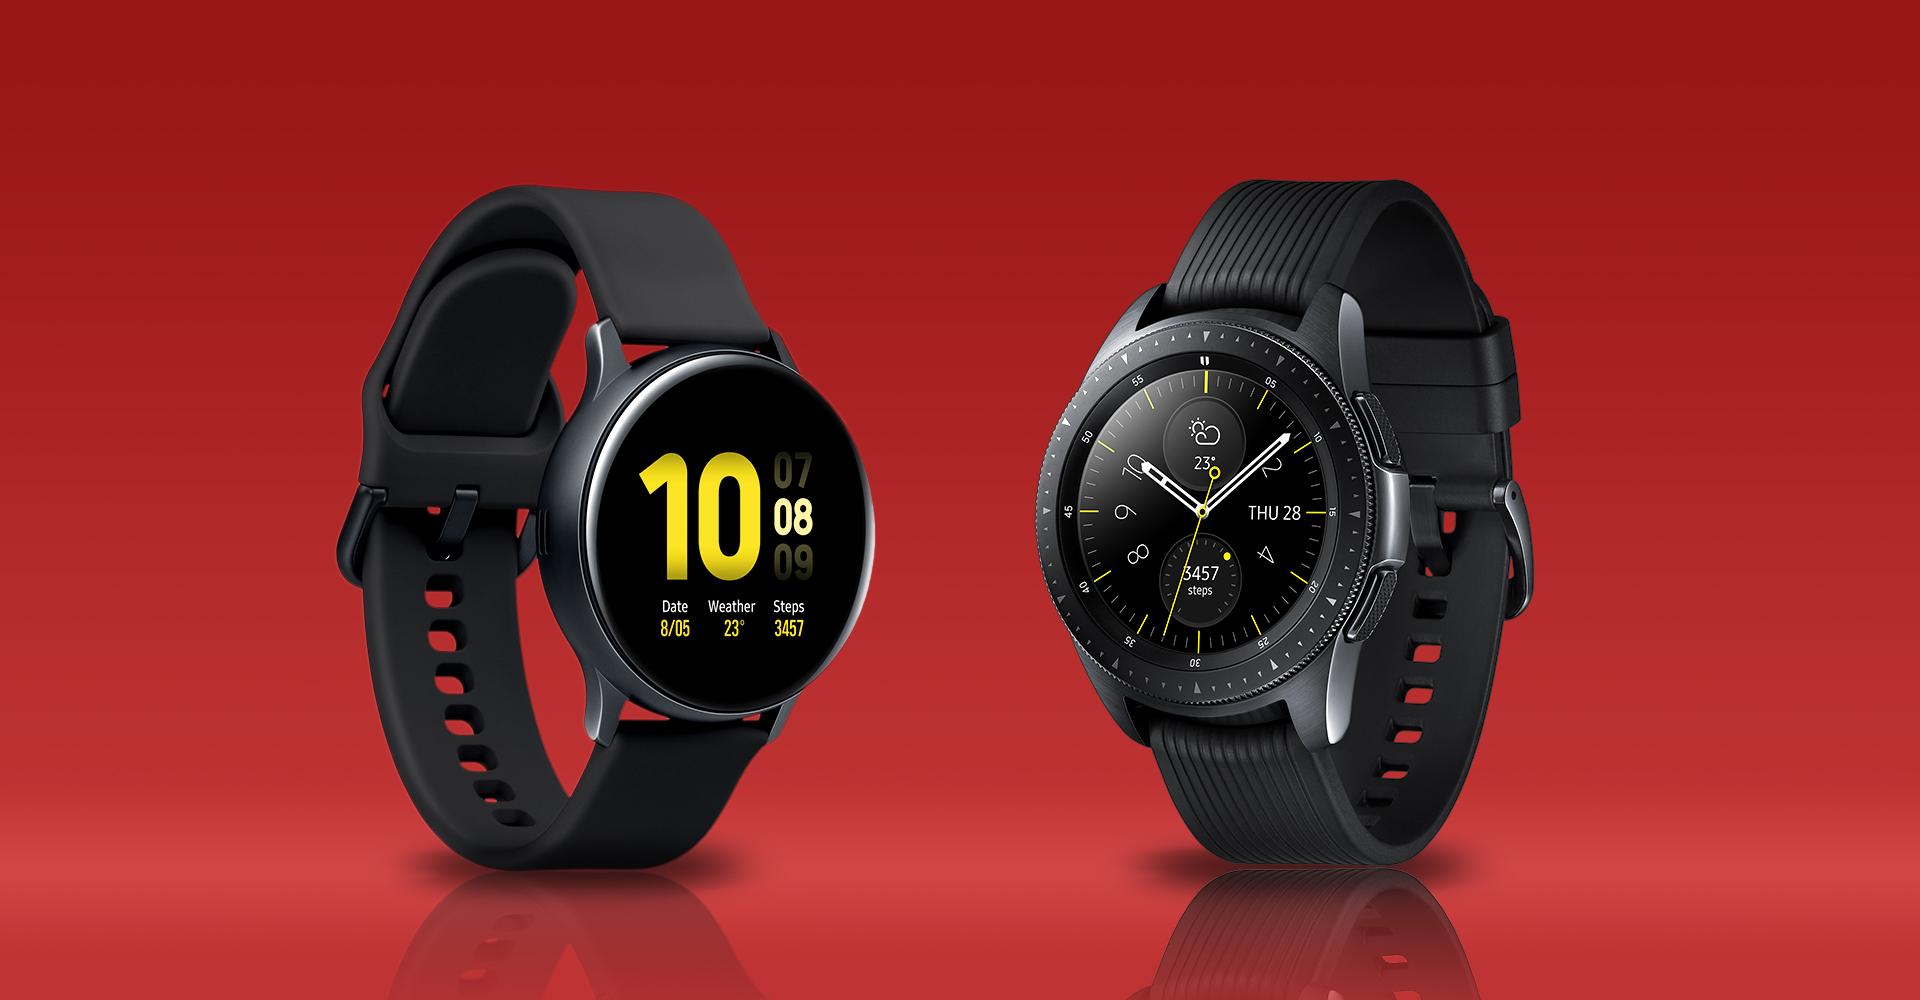 Gegenüberstellung der Galaxy Watch Active 2 und der Galaxy Watch.